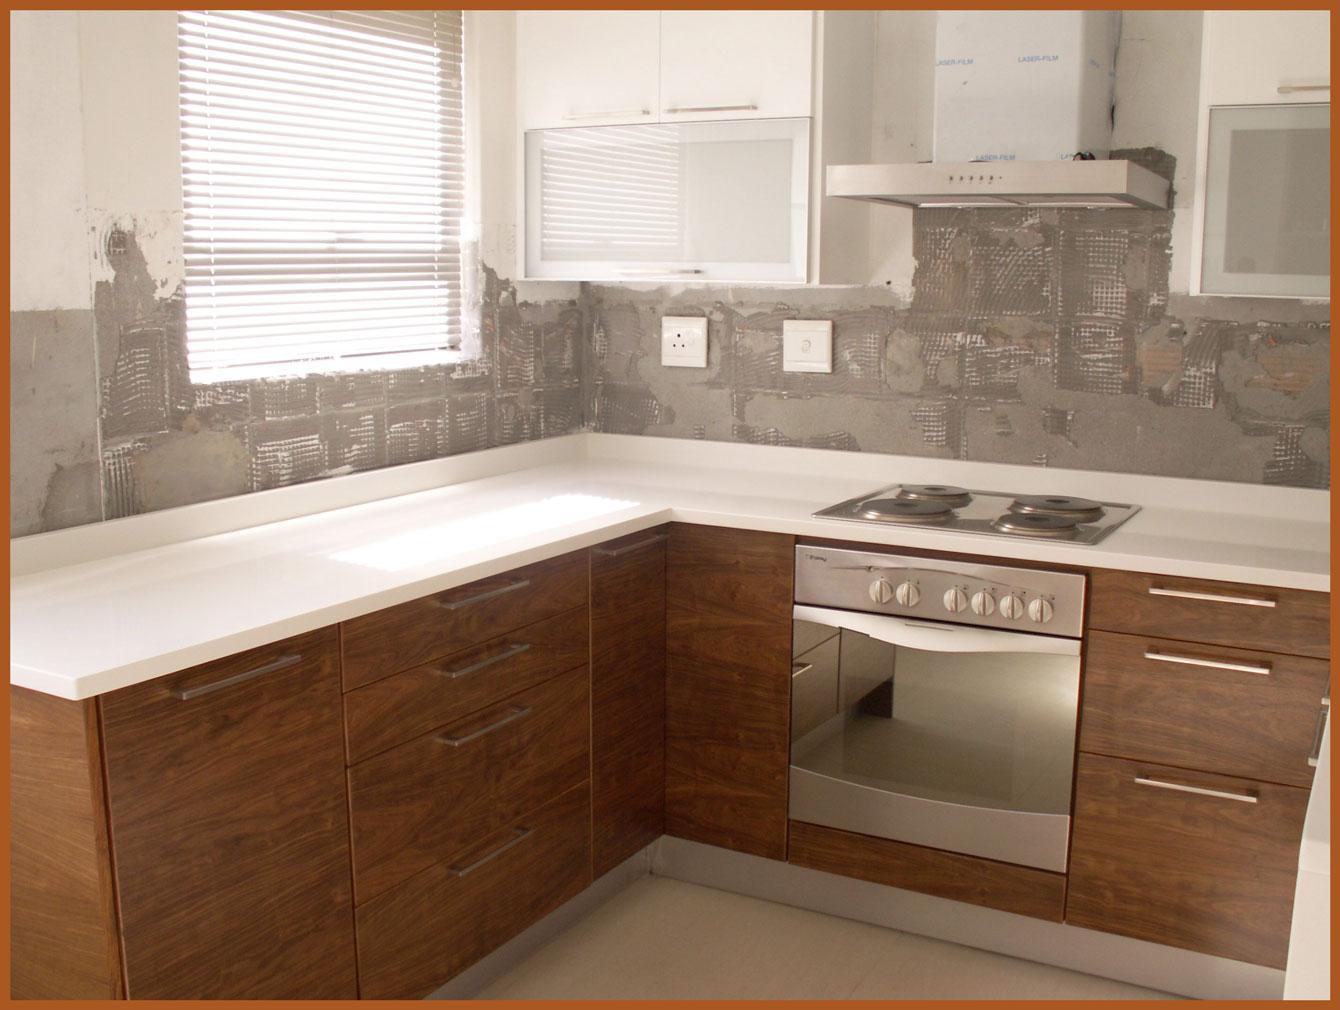 http://4.bp.blogspot.com/_p-ghoCurfhs/TNlelK-QPKI/AAAAAAAAALs/QY0mAkHT5eM/s1600/Kitchen.jpg